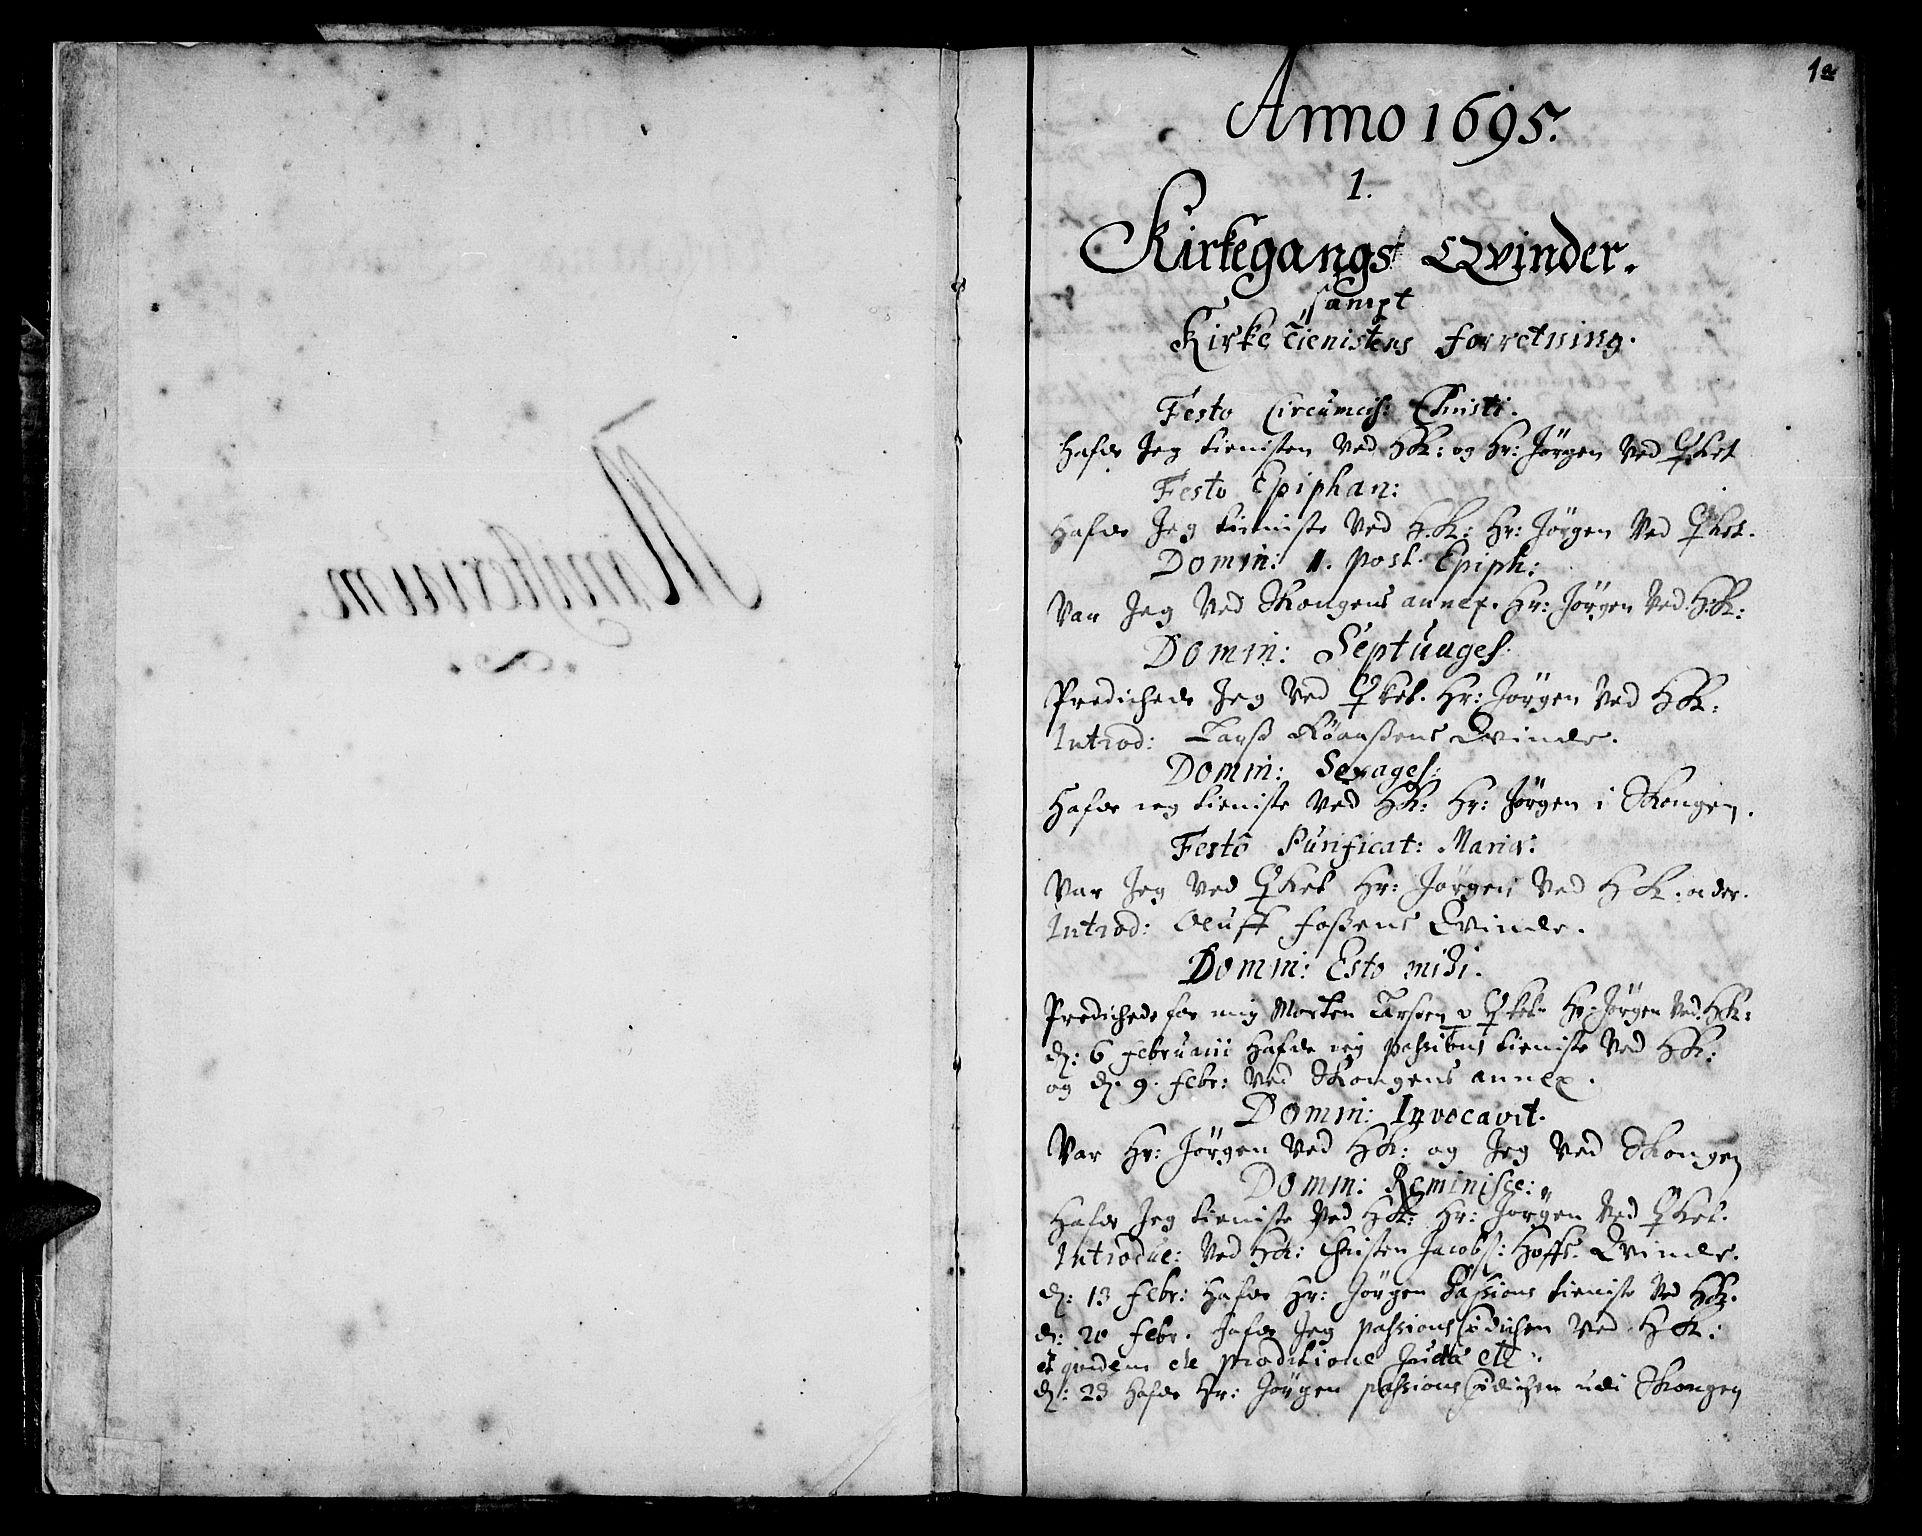 SAT, Ministerialprotokoller, klokkerbøker og fødselsregistre - Sør-Trøndelag, 668/L0801: Ministerialbok nr. 668A01, 1695-1716, s. 0-1